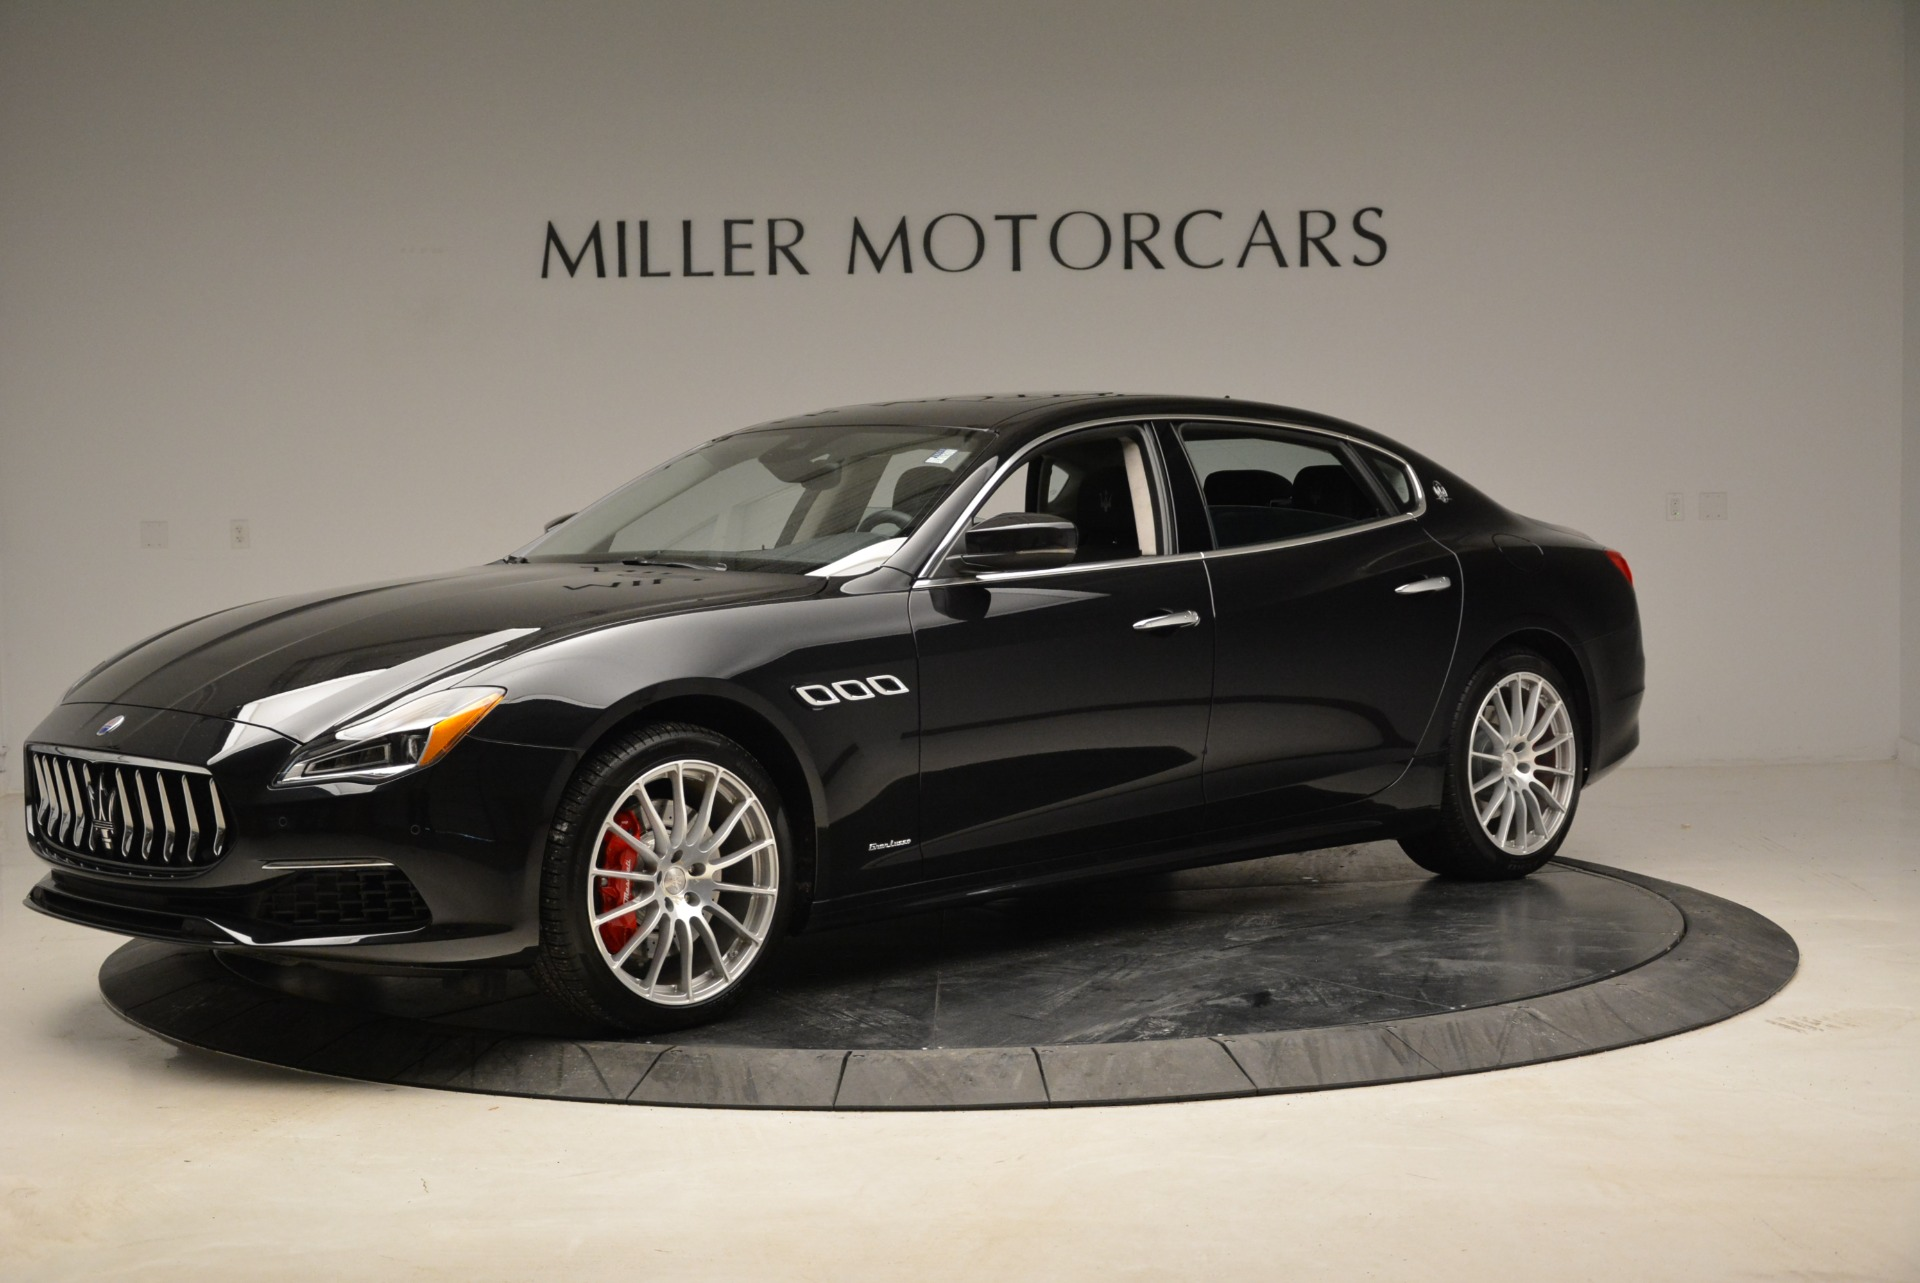 New 2018 Maserati Quattroporte S Q4 GranLusso For Sale In Greenwich, CT 1705_p2